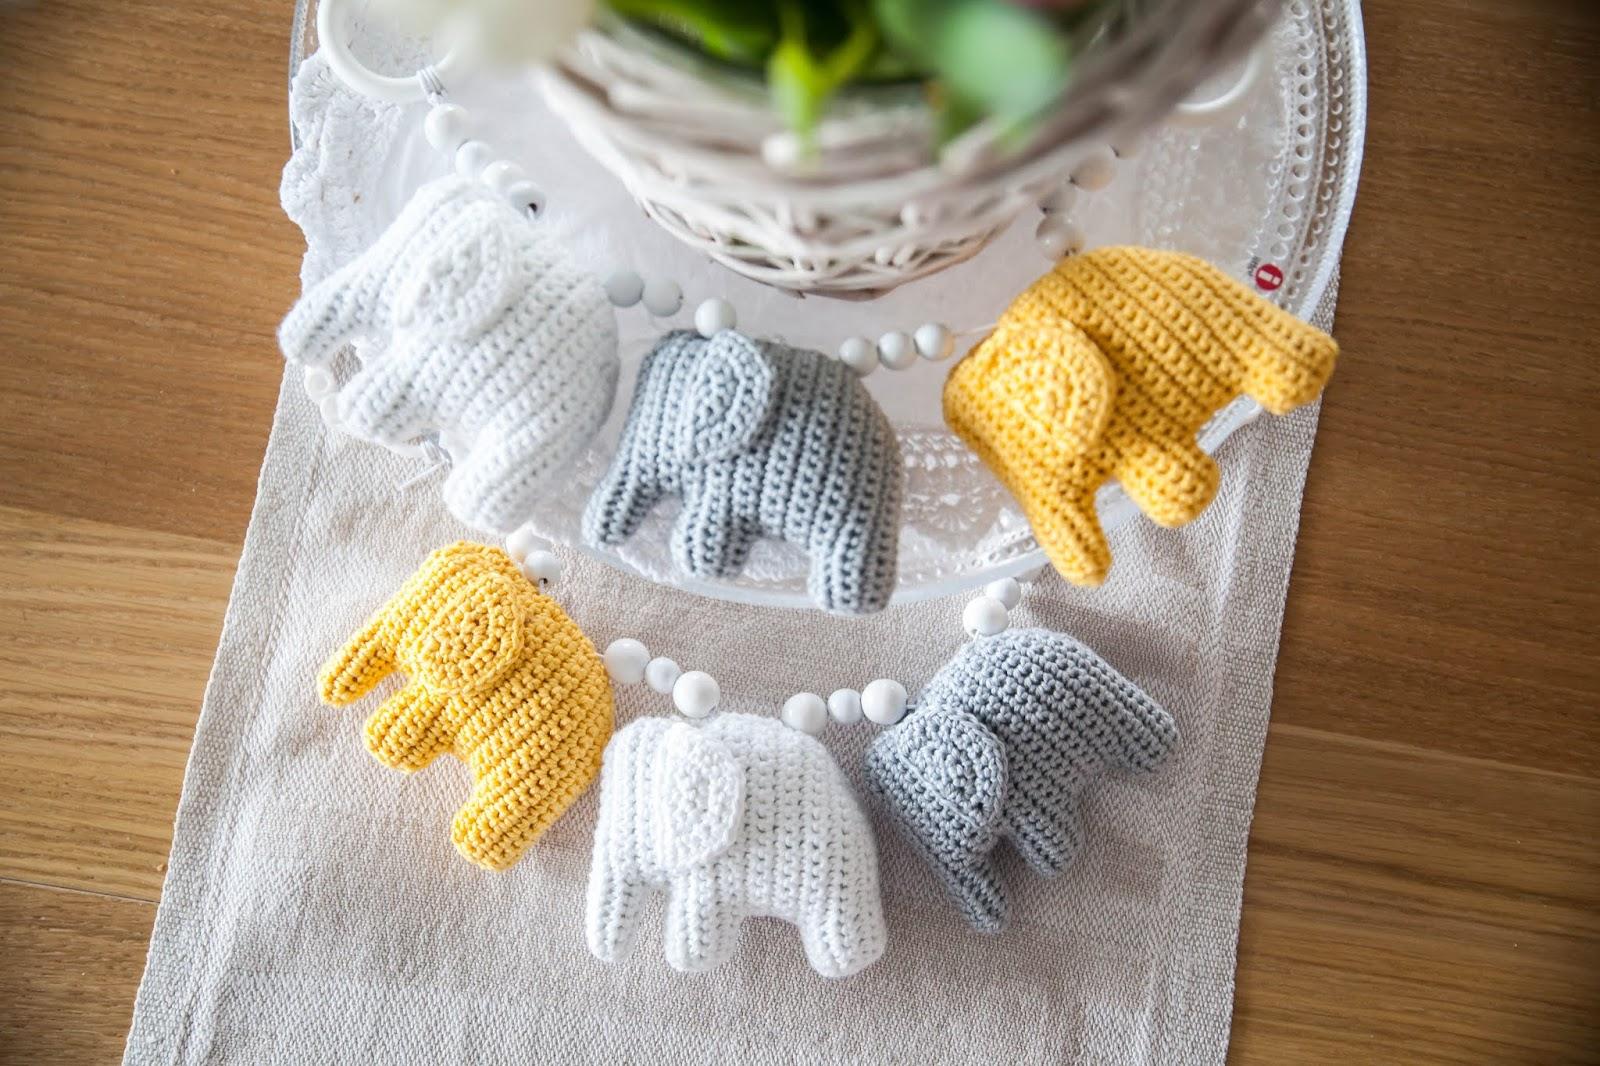 vaunulelu norsu virkkaaminen crochet